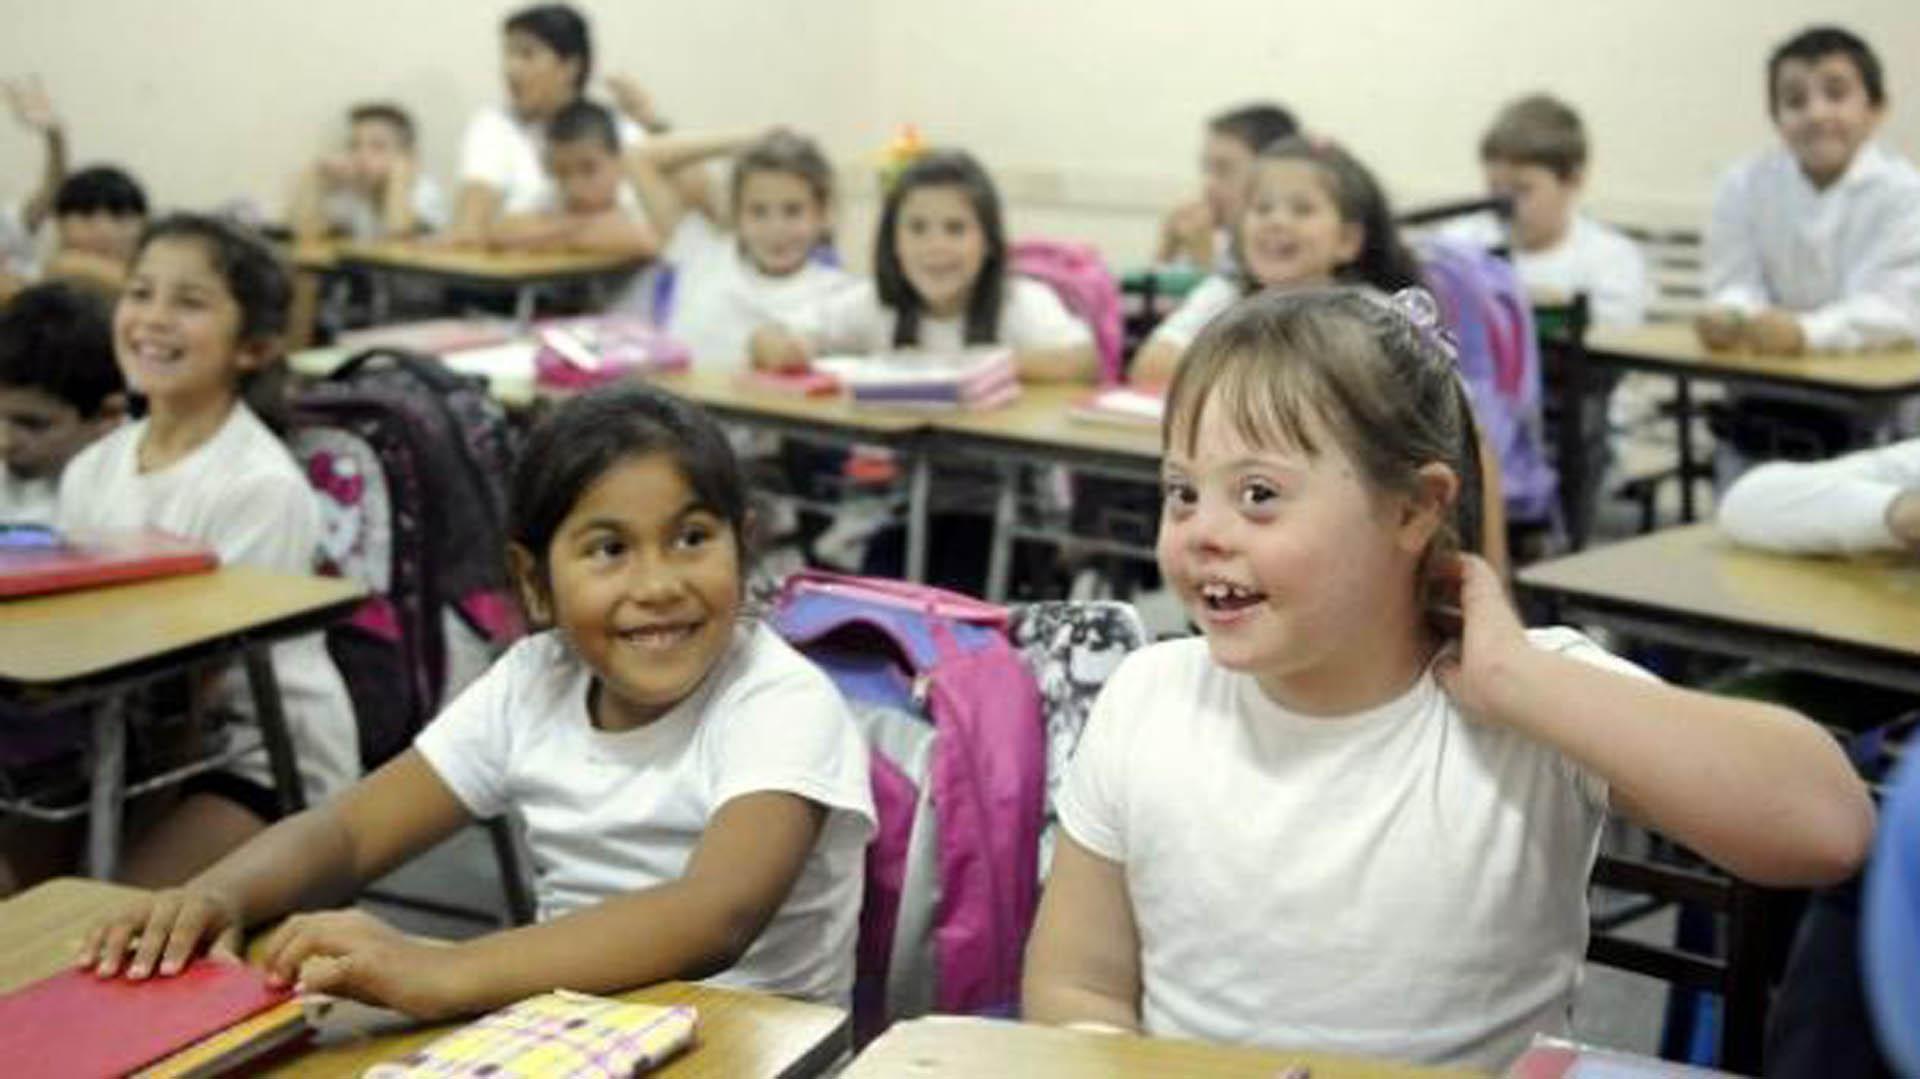 Cómo generar más y mejor educación inclusiva en la Argentina - Infobae